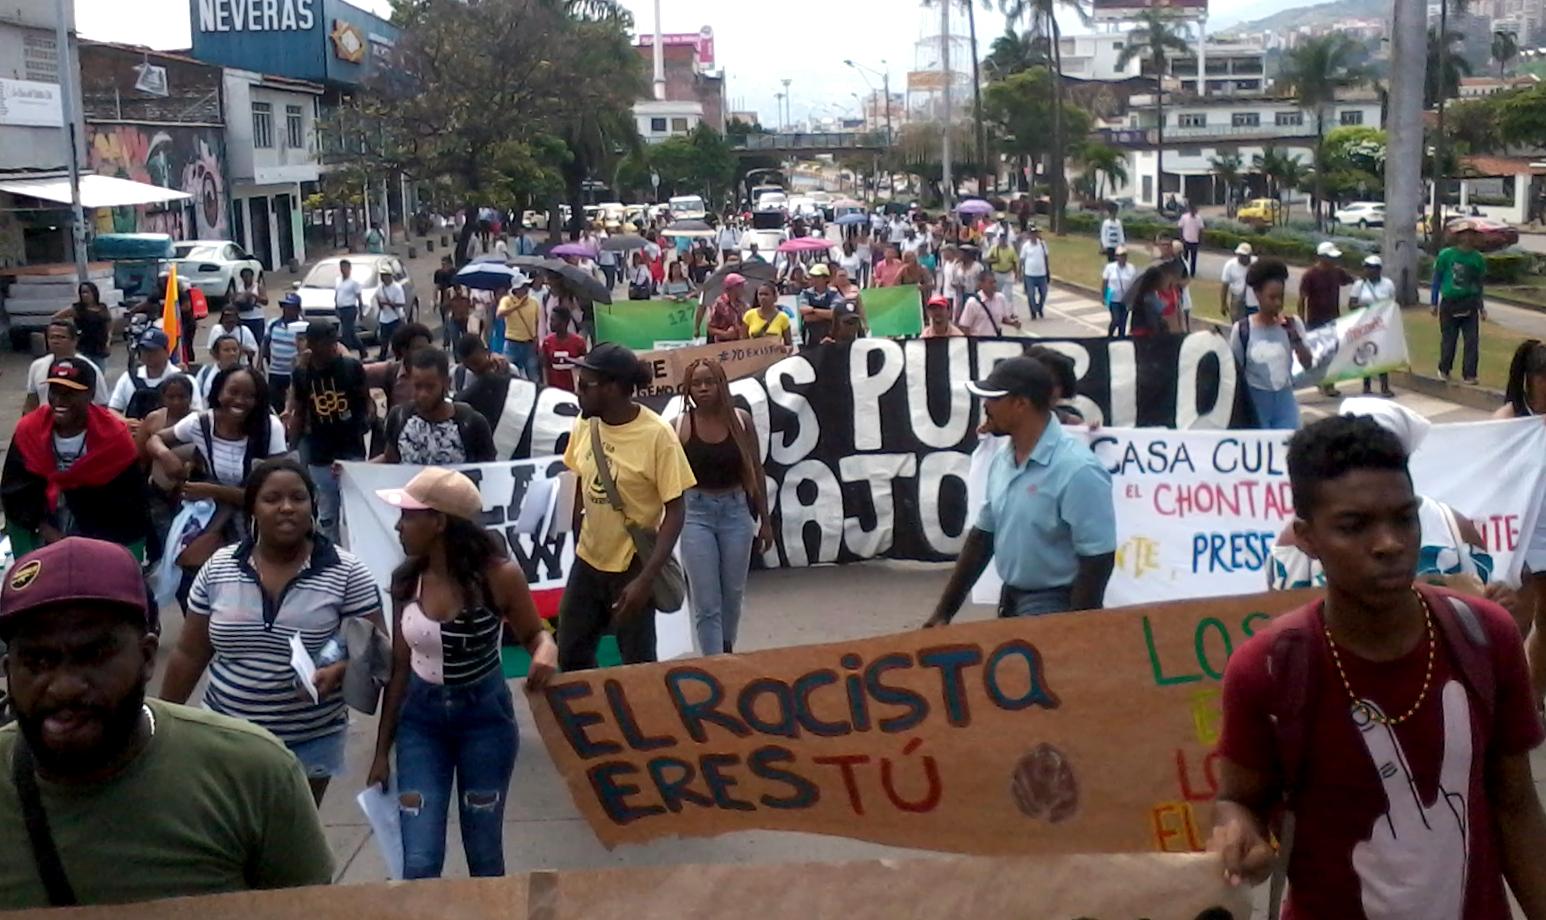 La marcha contra el racismo a su paso por la calle 5a